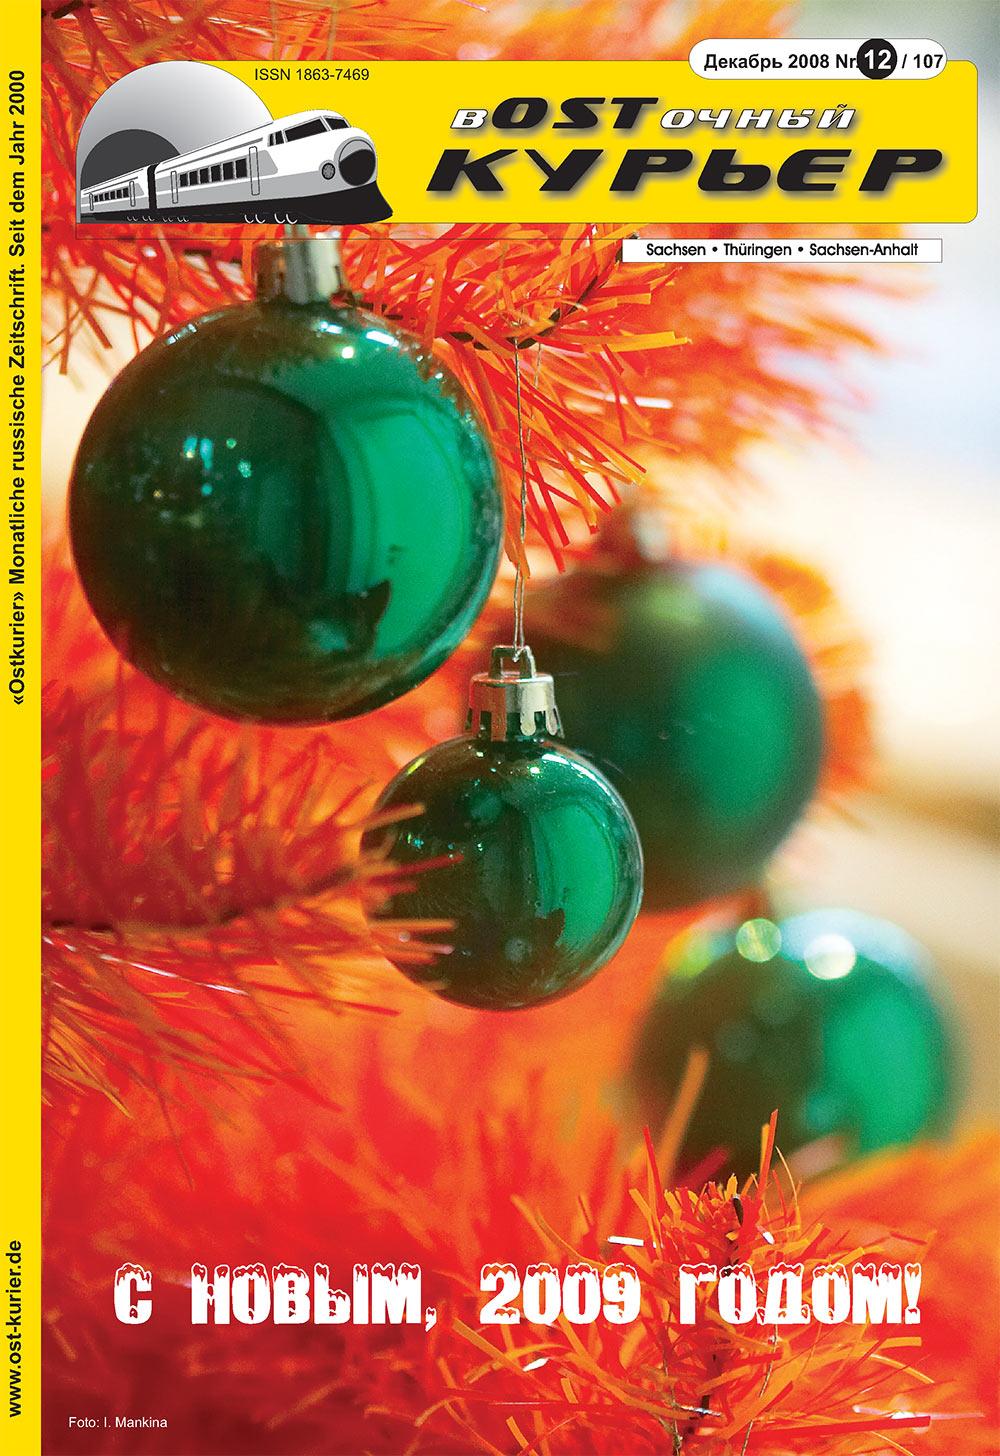 Восточный курьер (журнал). 2008 год, номер 12, стр. 1